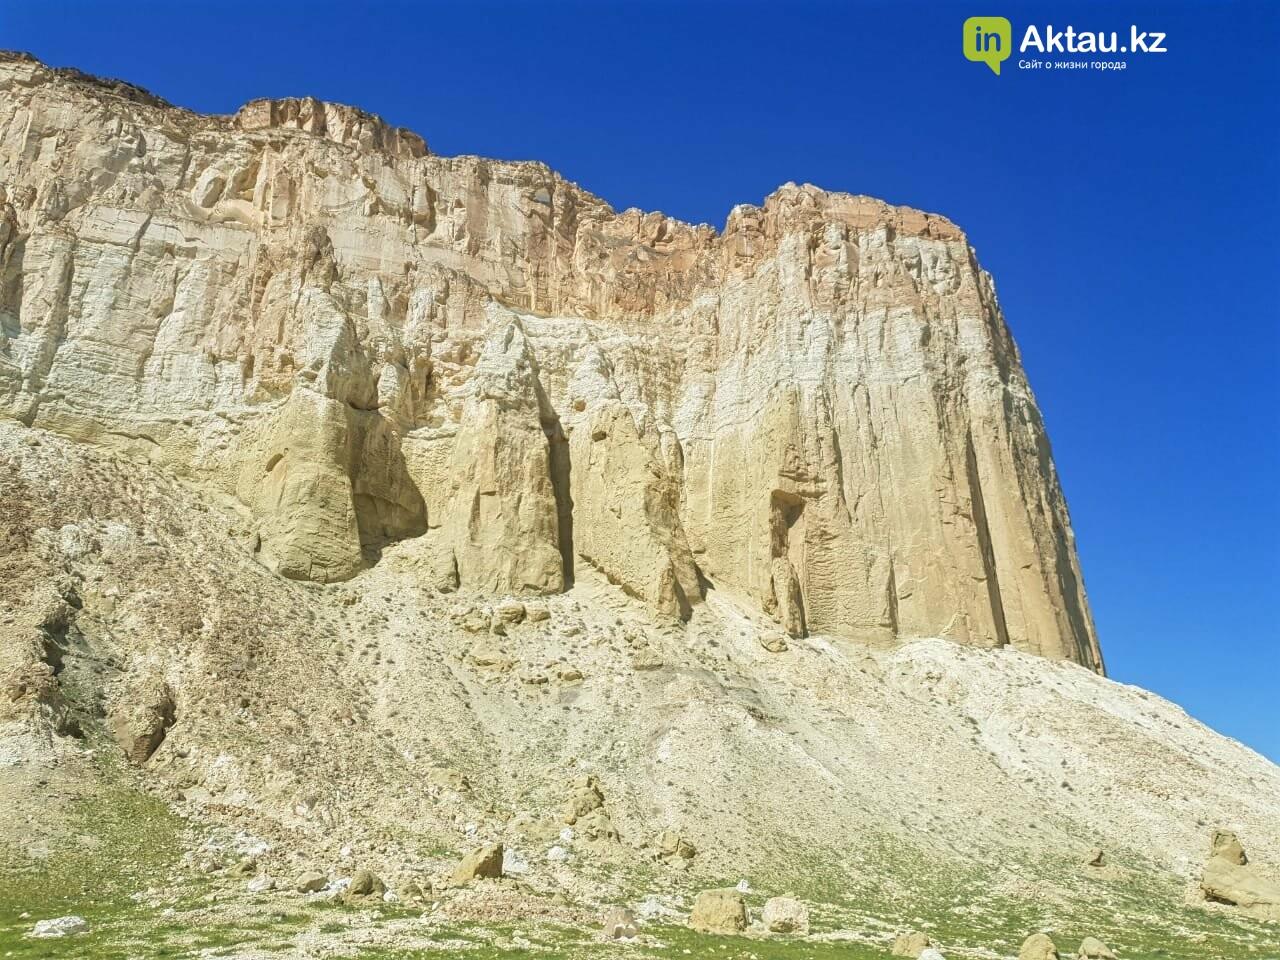 Долина замков – Айракты: Мангистау во всем своем величии (ФОТО), фото-8